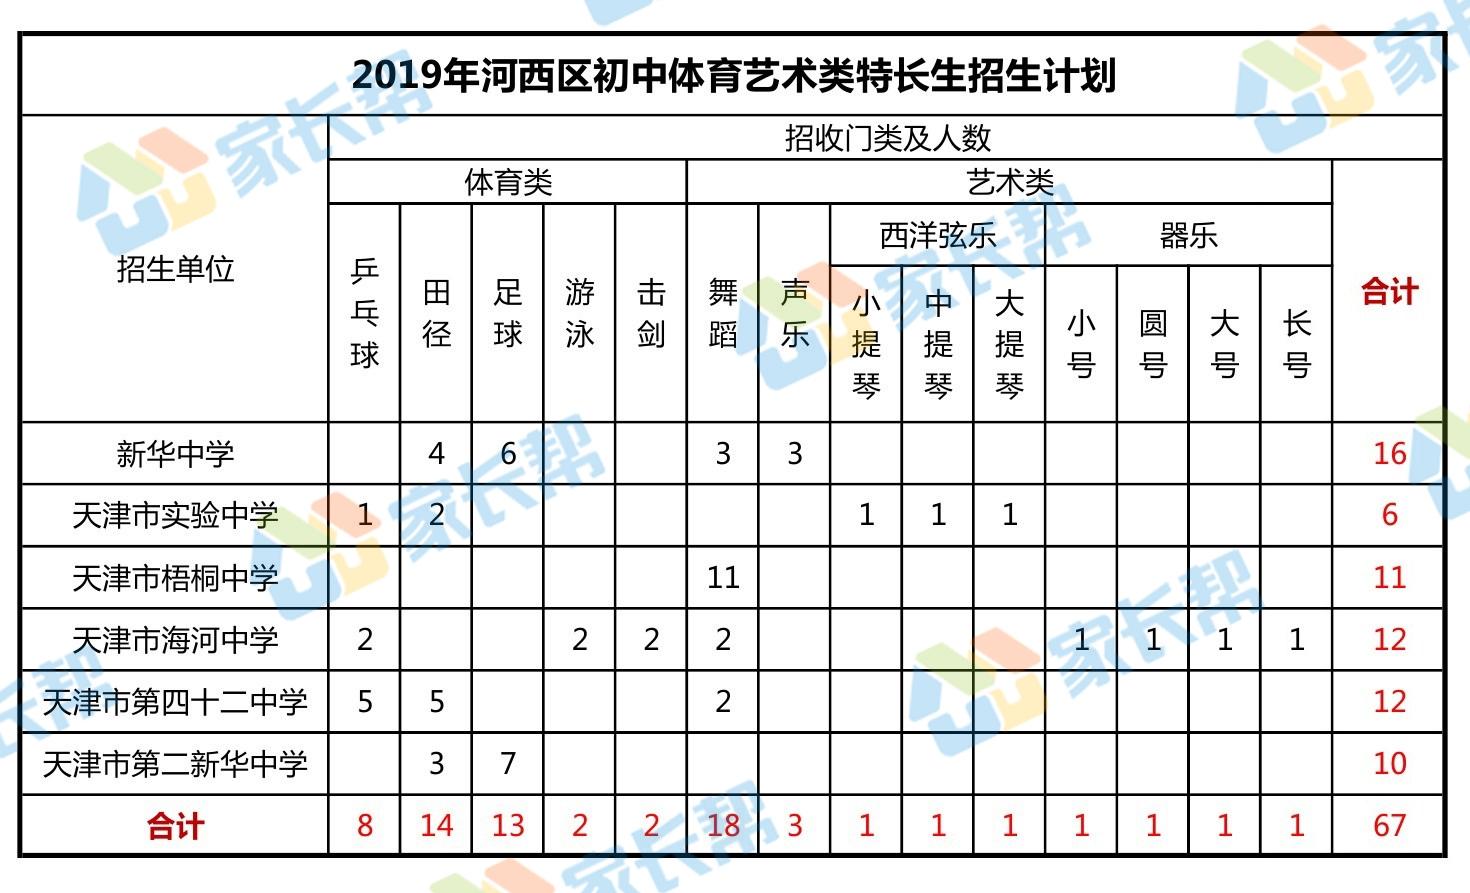 2019年天津河西区初中特长生突破方案时间招生新学习方法学生初中生图片